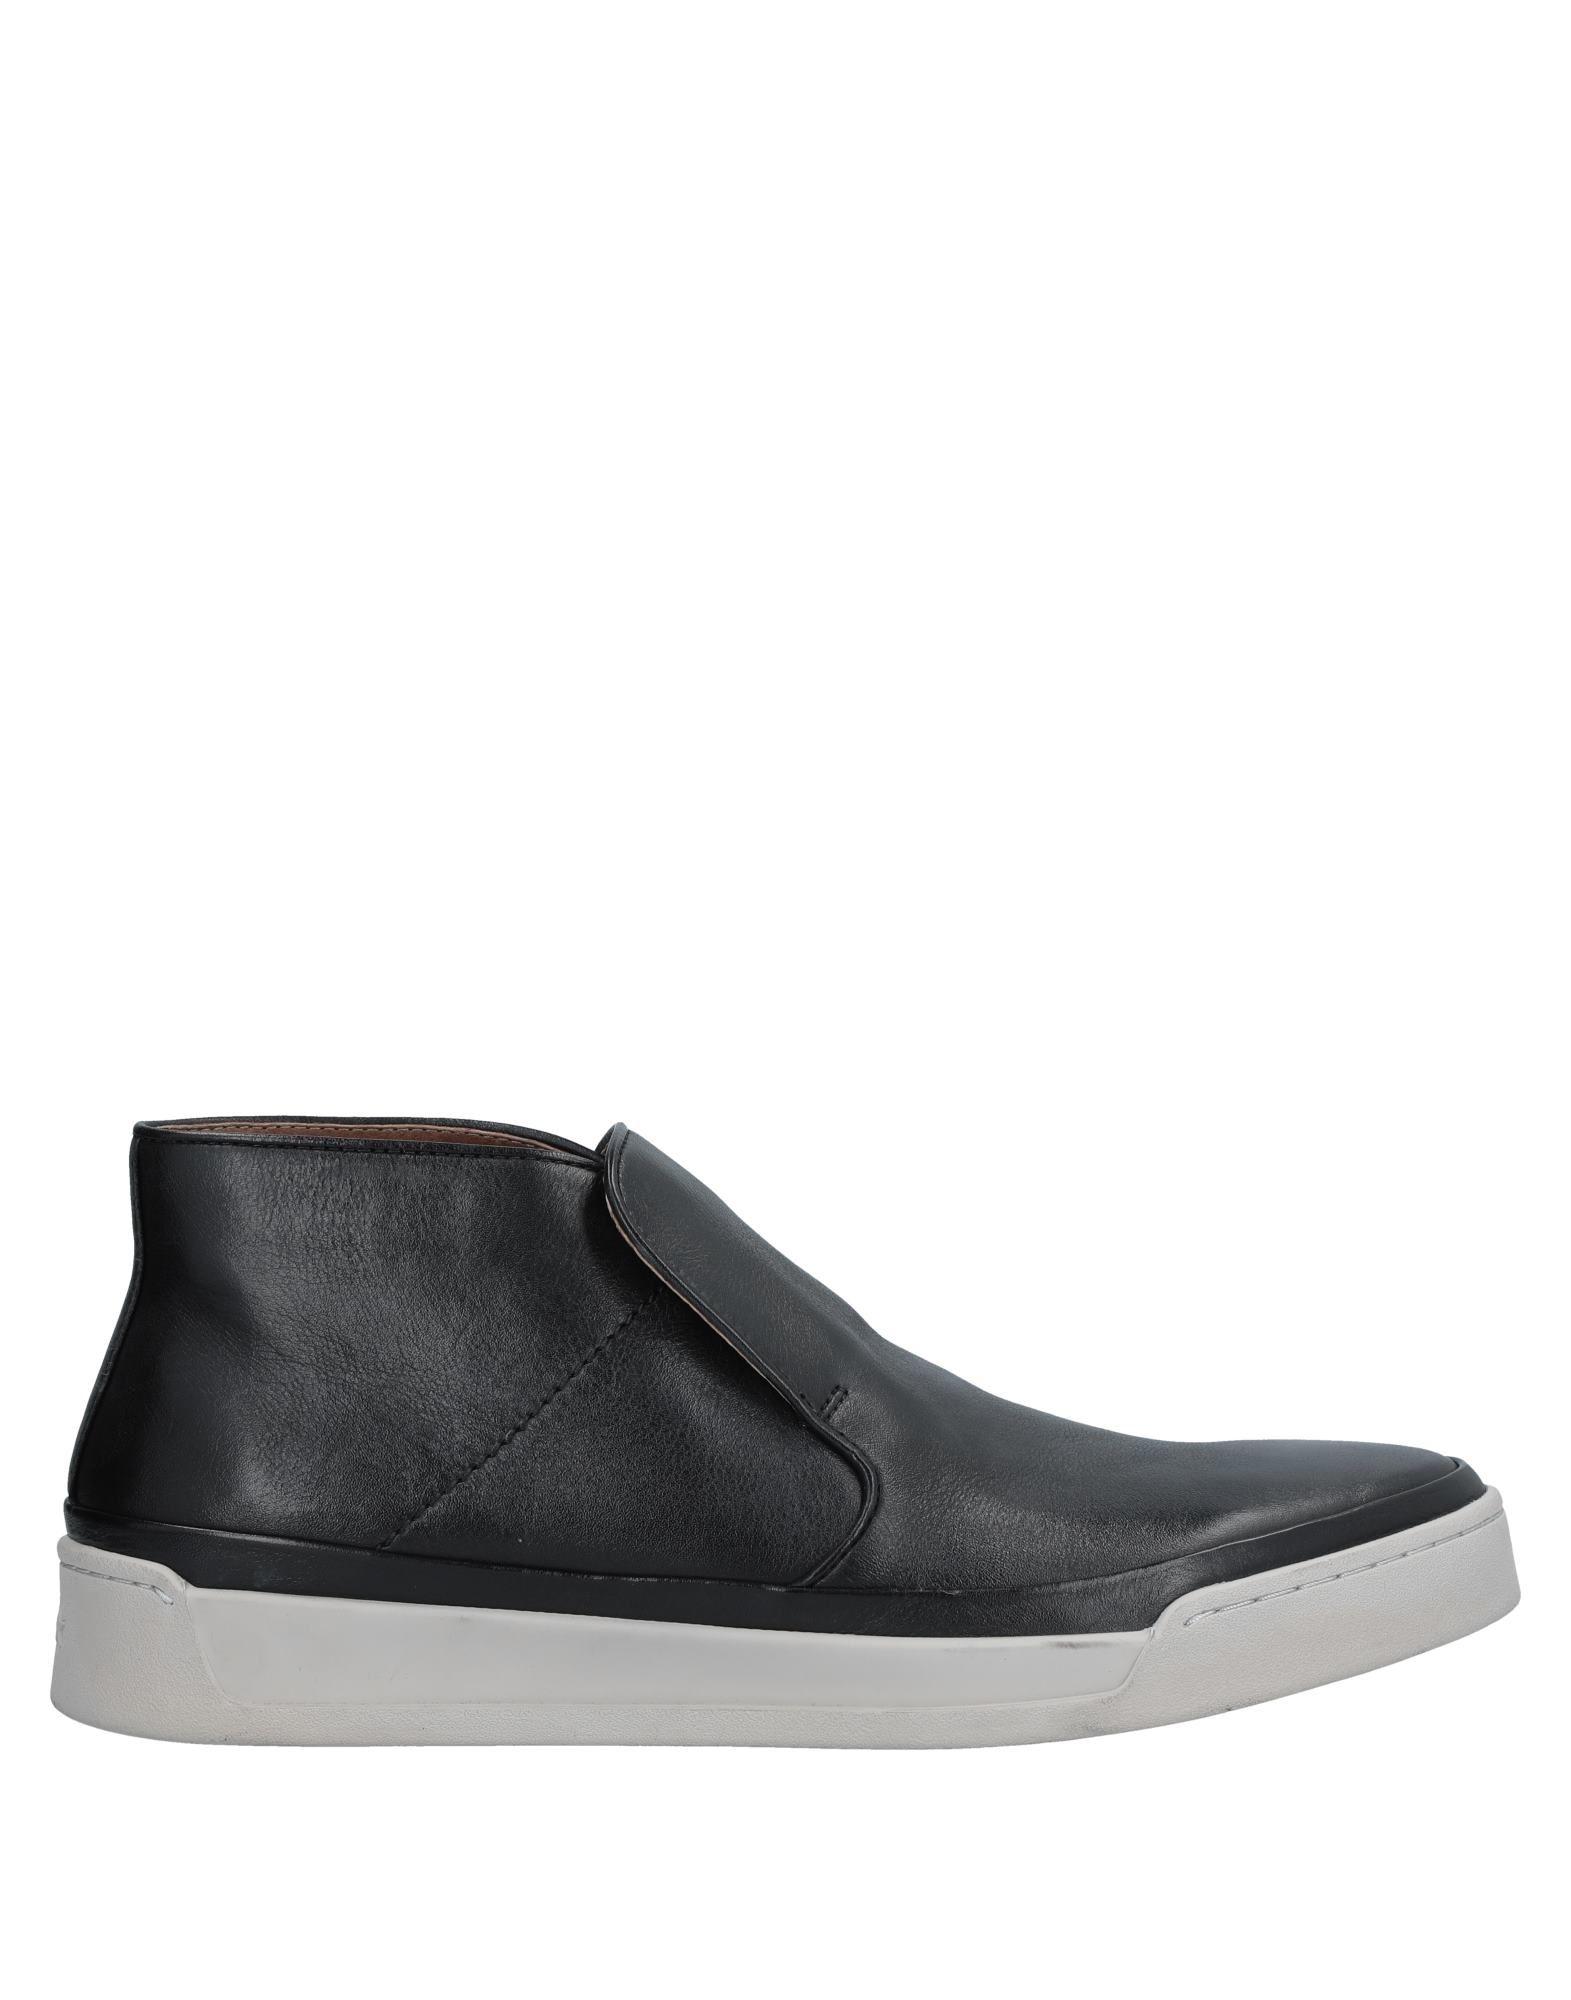 John Varvatos ★ U.S.A. Sneakers Herren  11535835WL